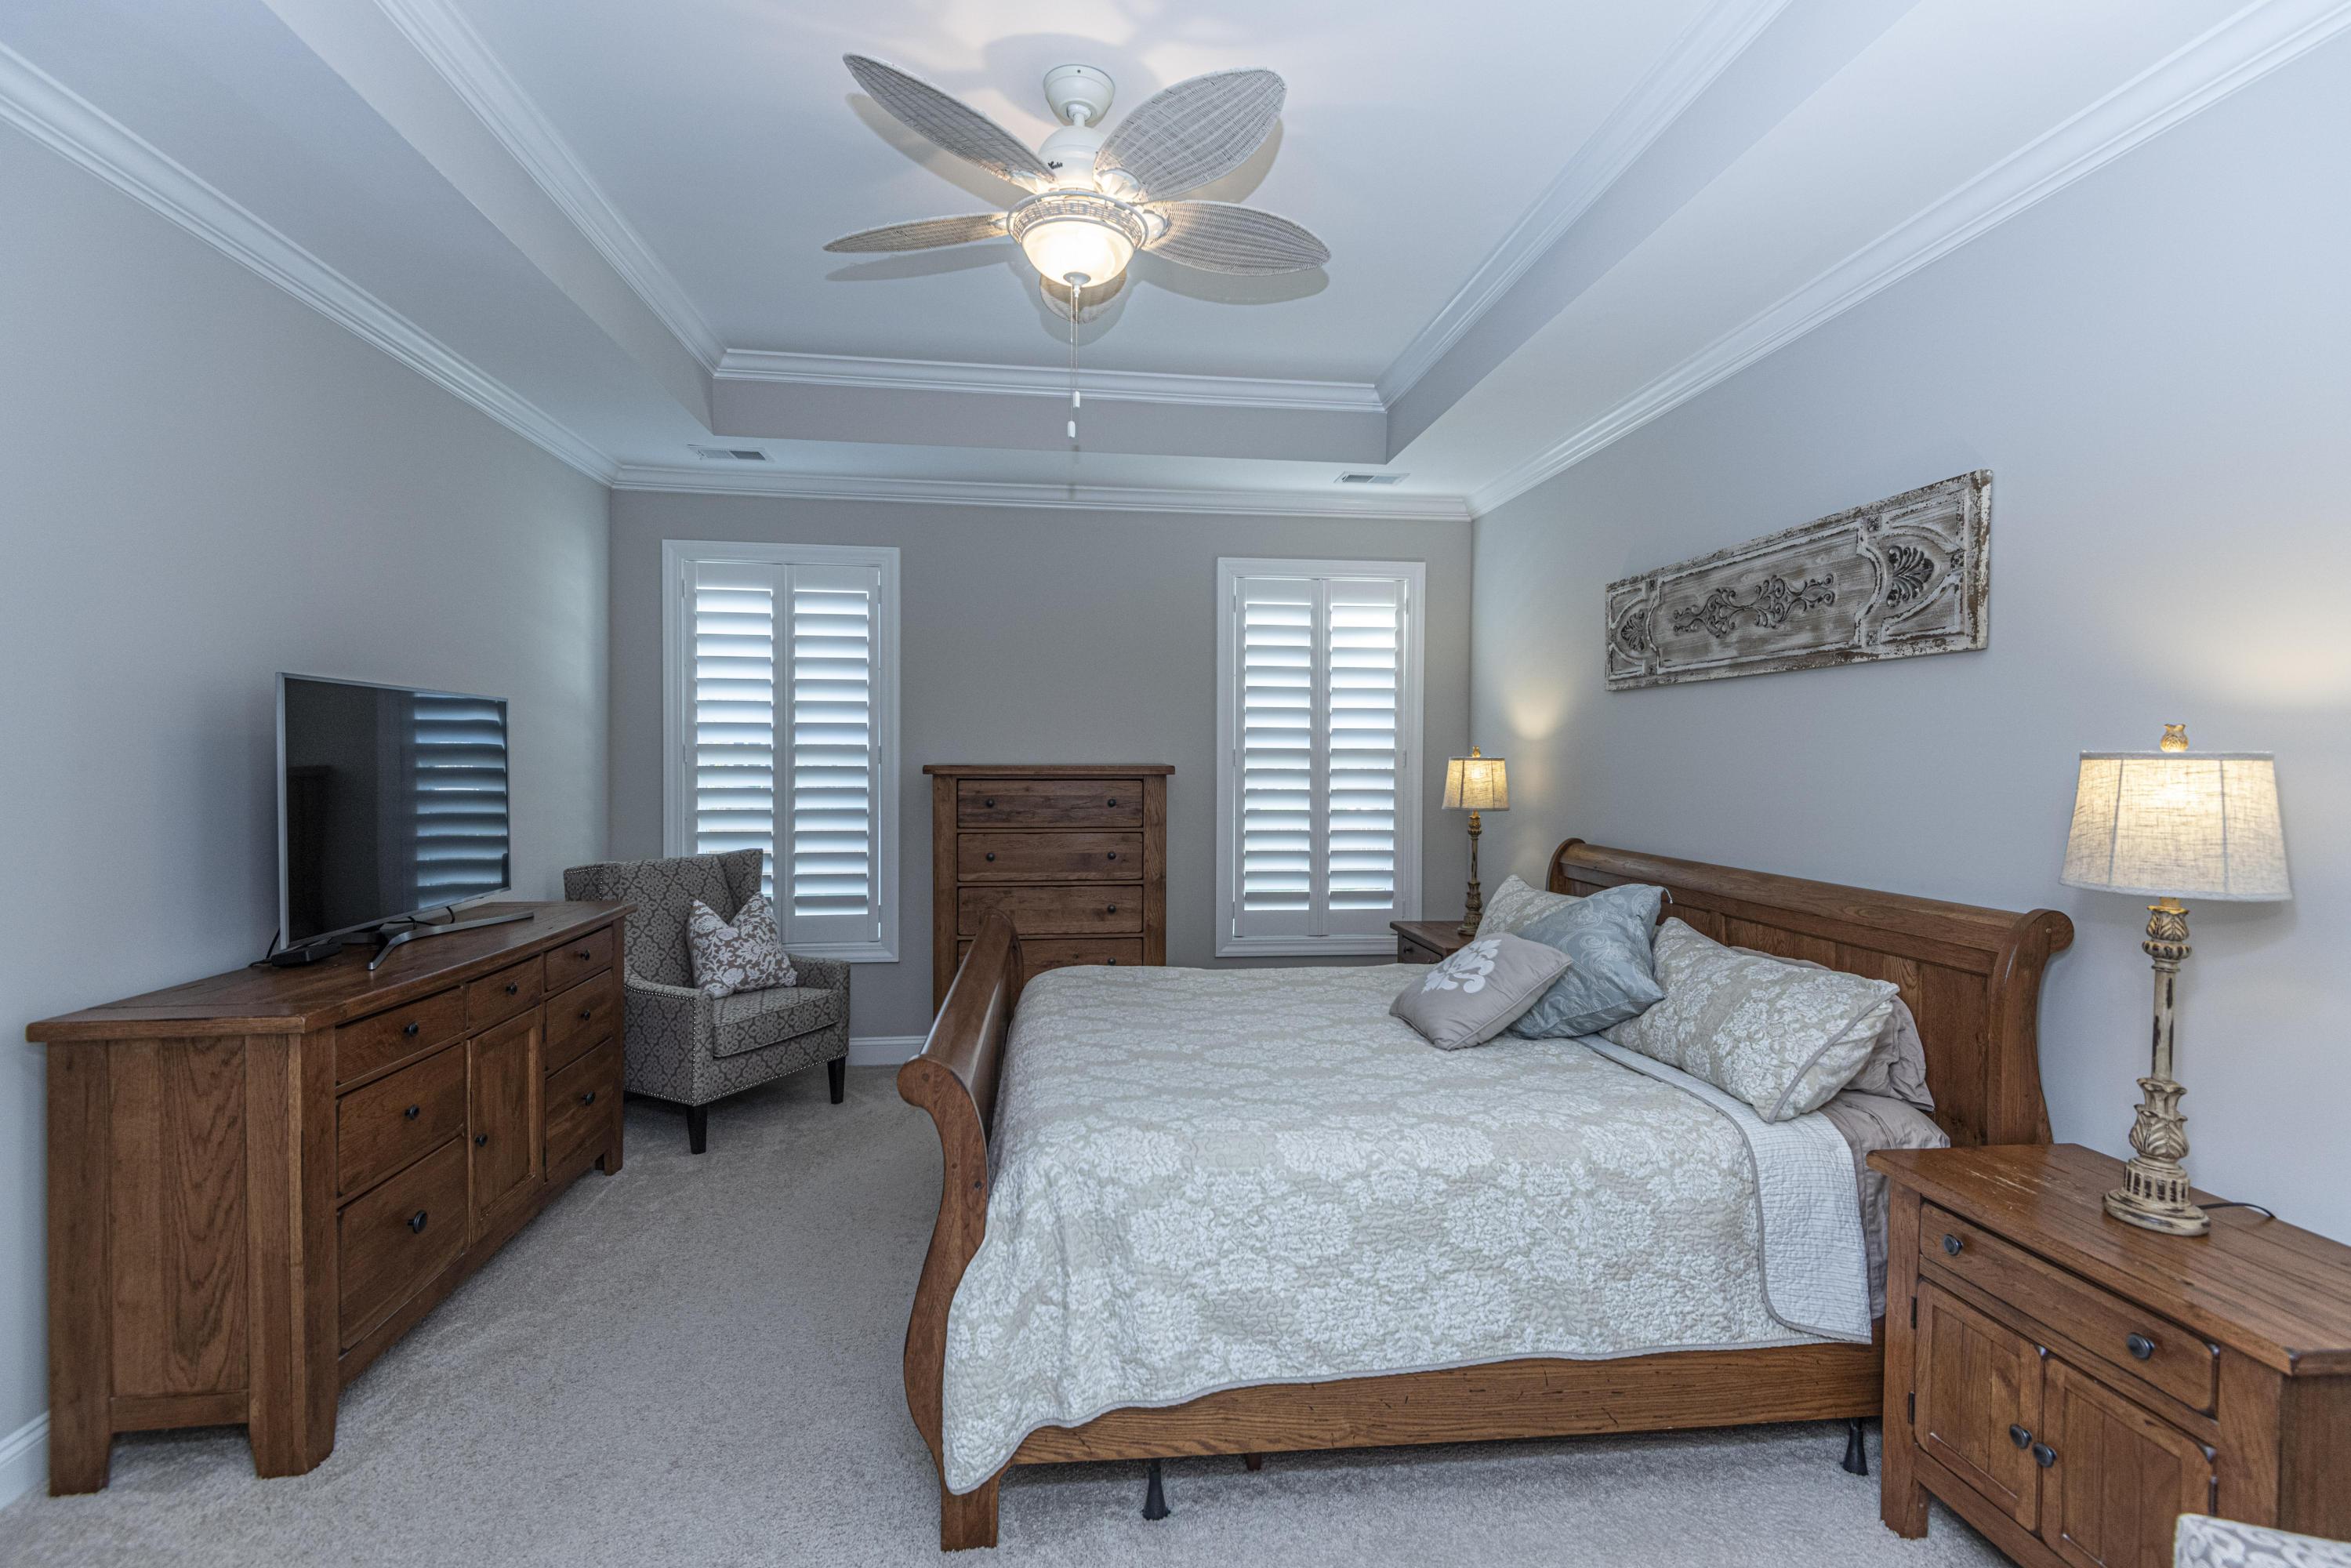 Park West Homes For Sale - 2667 Park West, Mount Pleasant, SC - 2